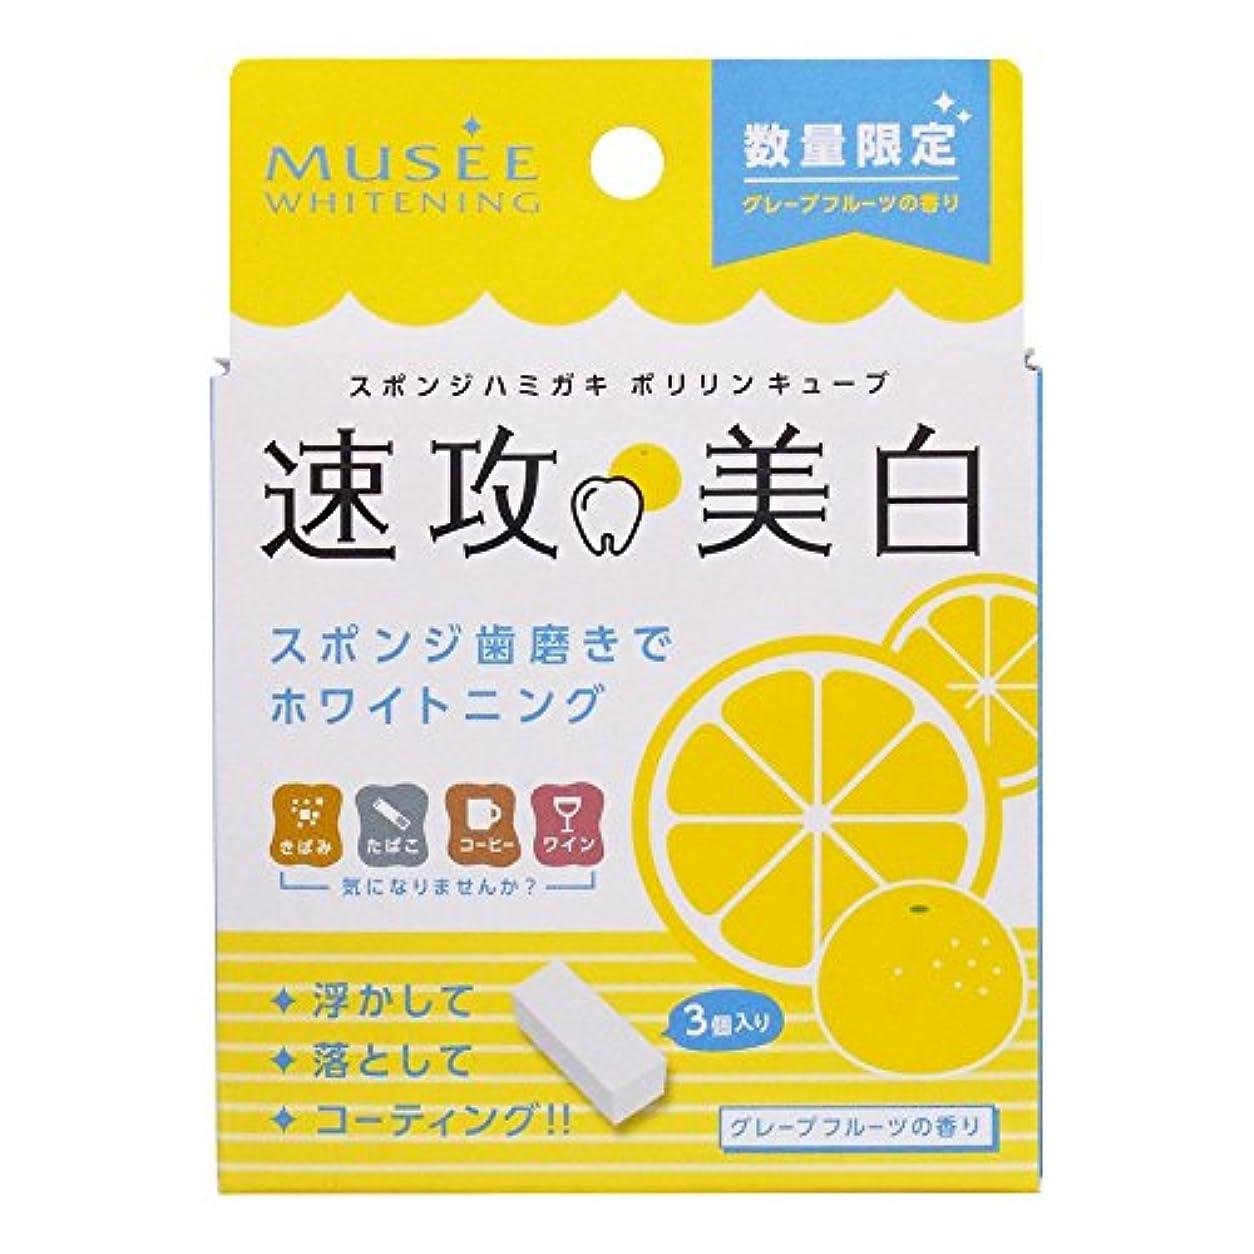 気質ブランド名ミュゼホワイトニング ポリリンキューブ グレープフルーツの香り (1回分×3包)